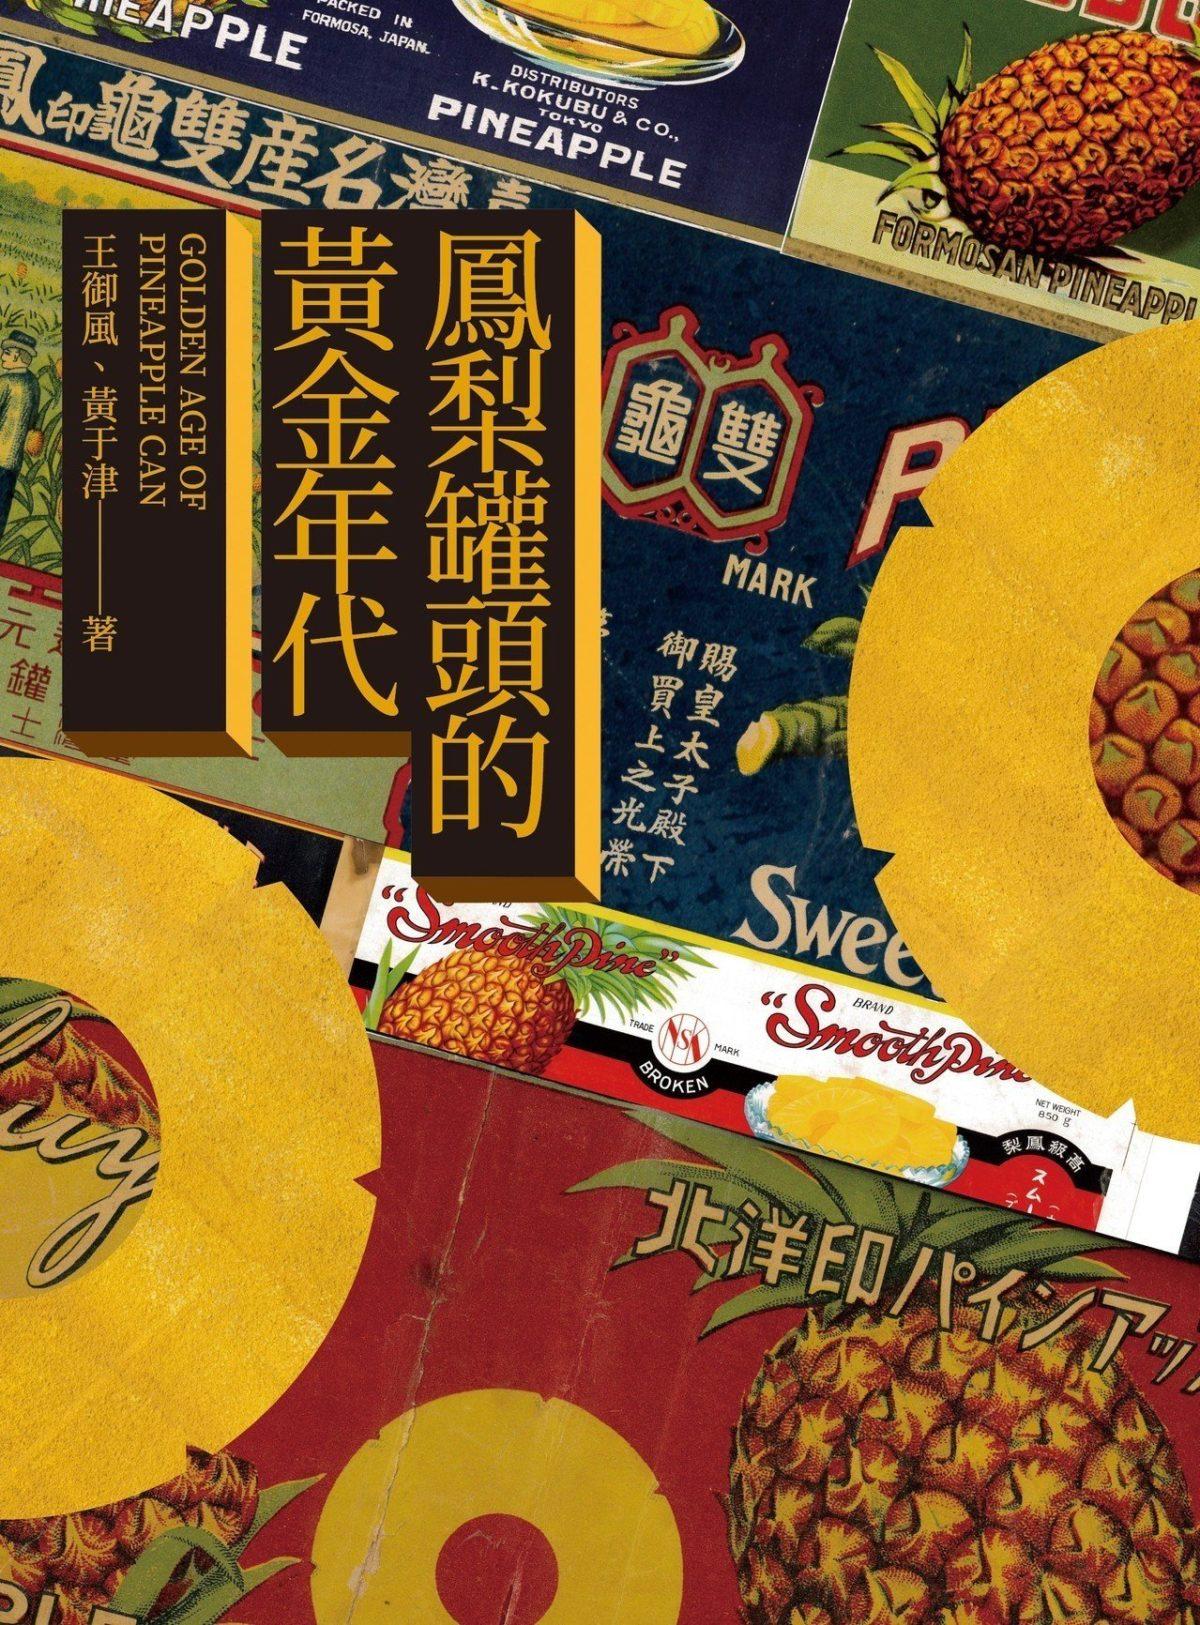 台湾成为凤梨罐头世界冠军幕后推手是这位日本人